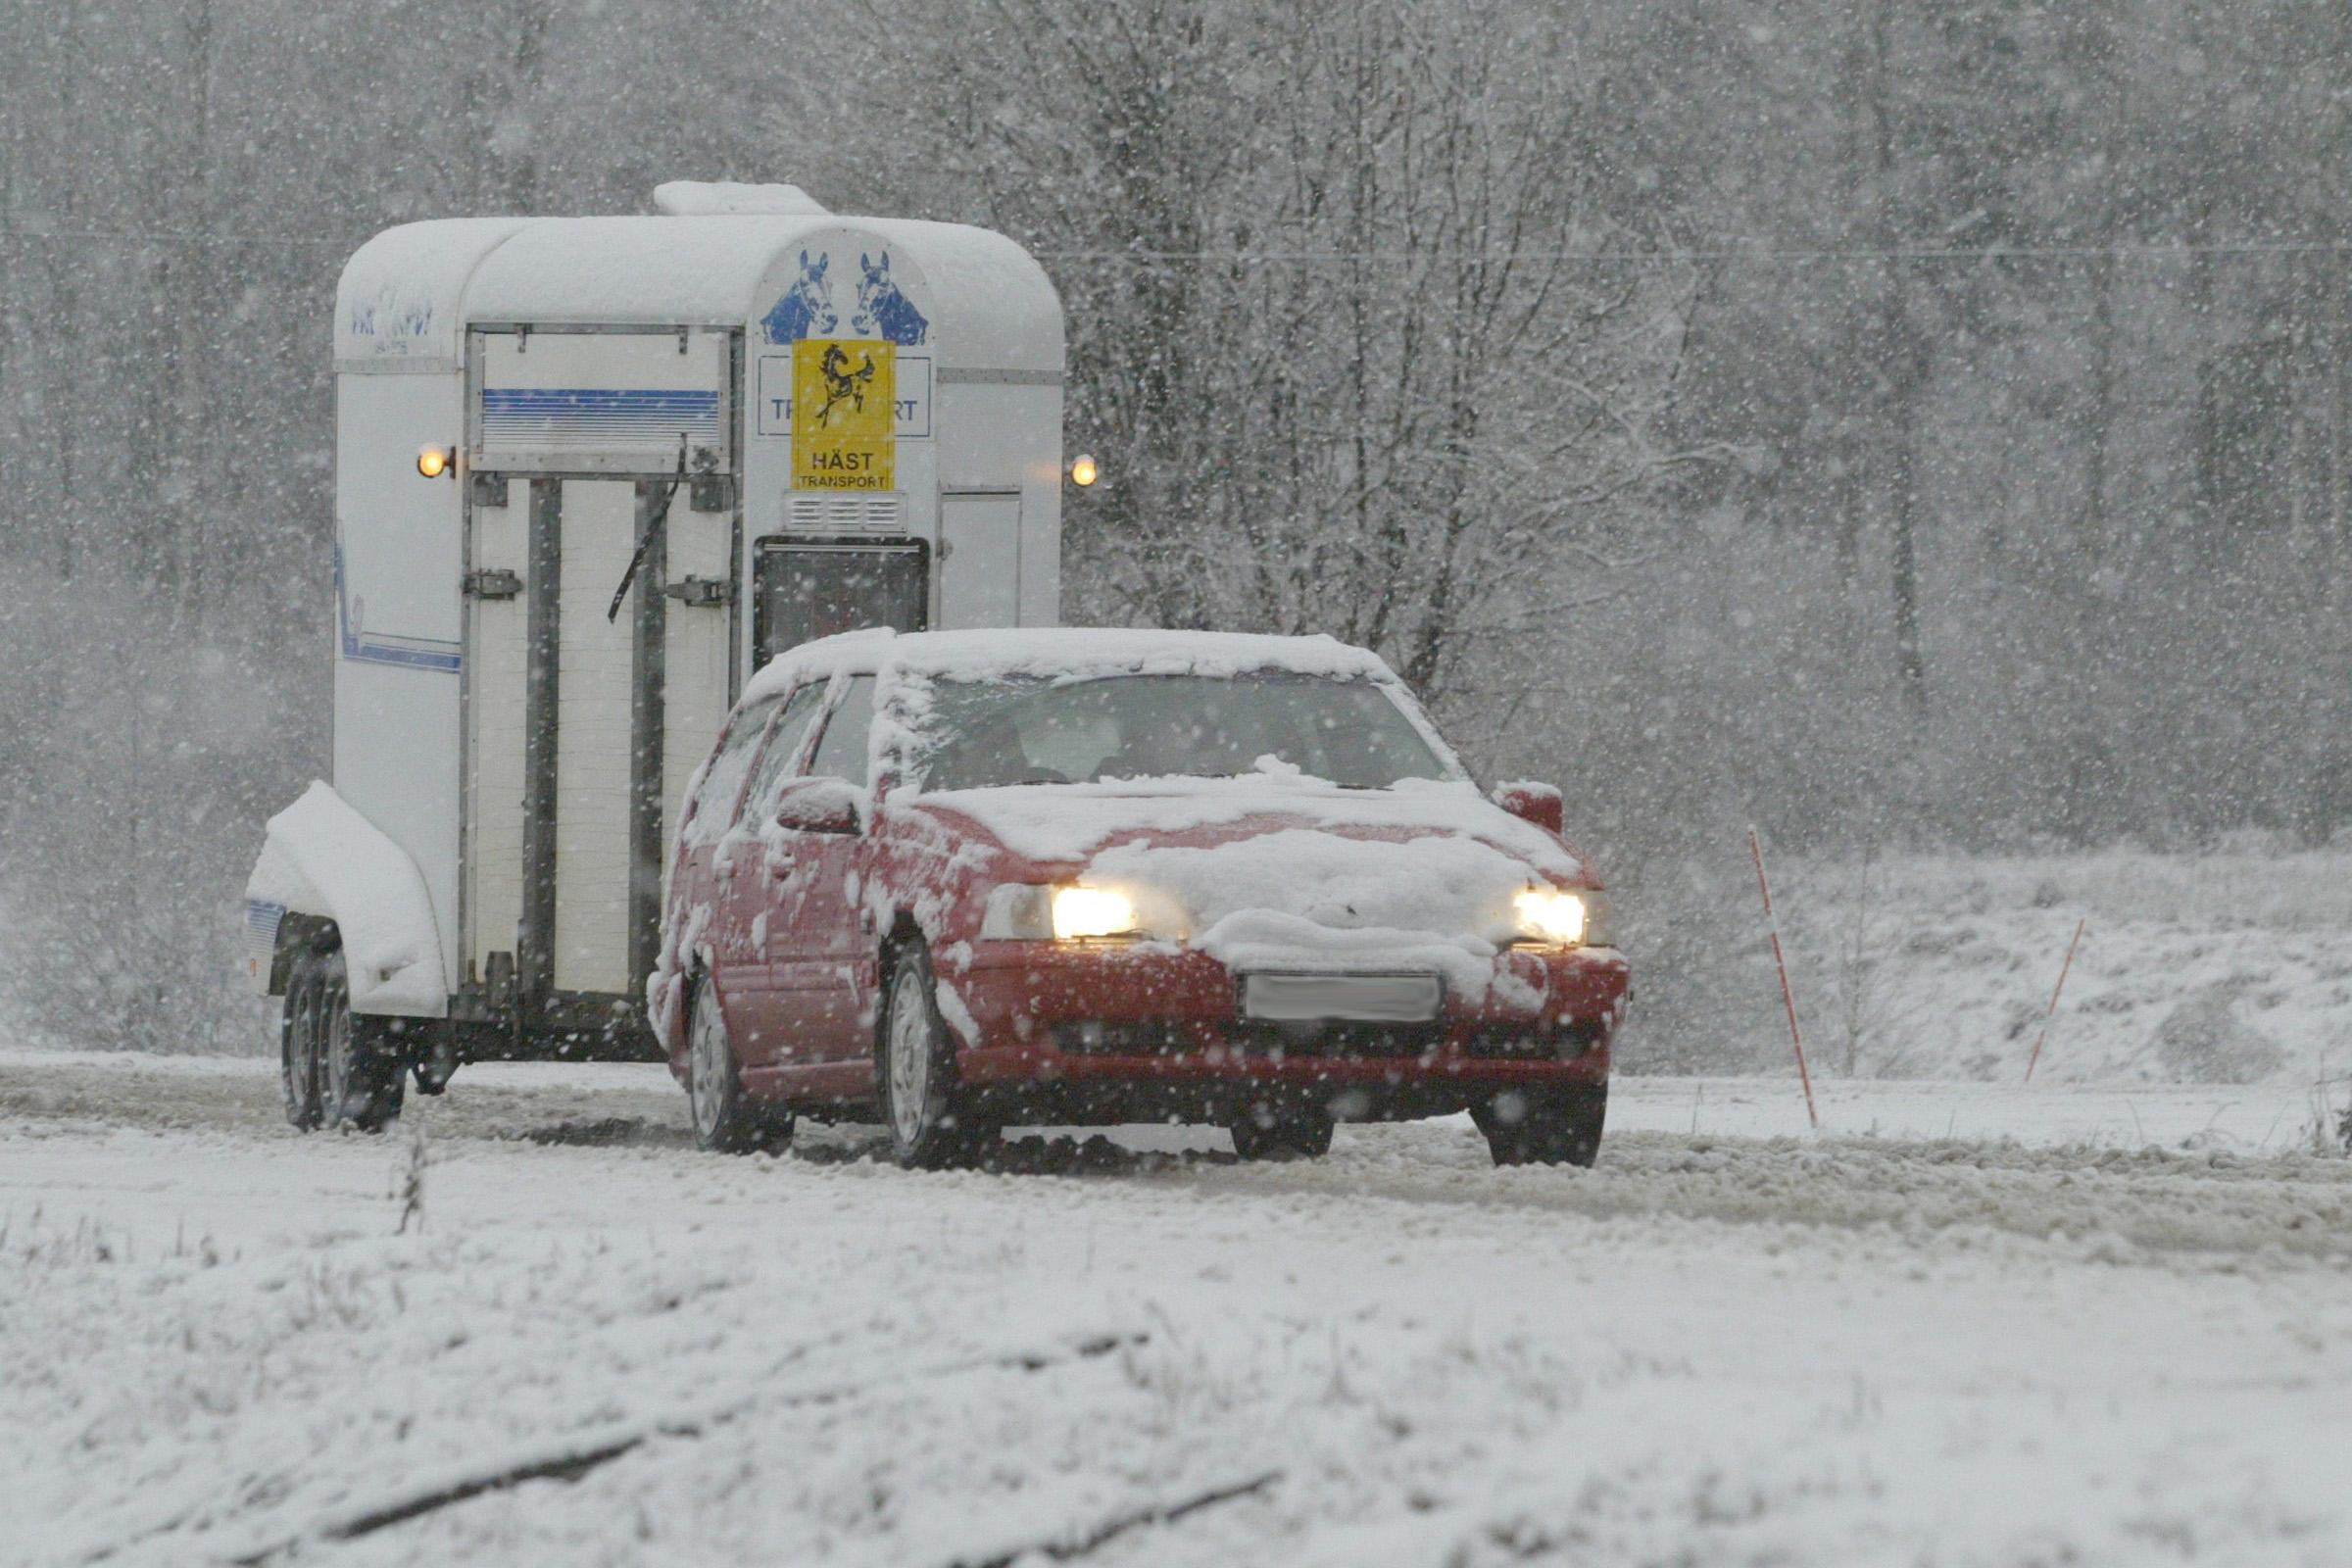 031123 VinterkörningFoto: Roland Thunholm Snö Vinter Trafik Bil Transport